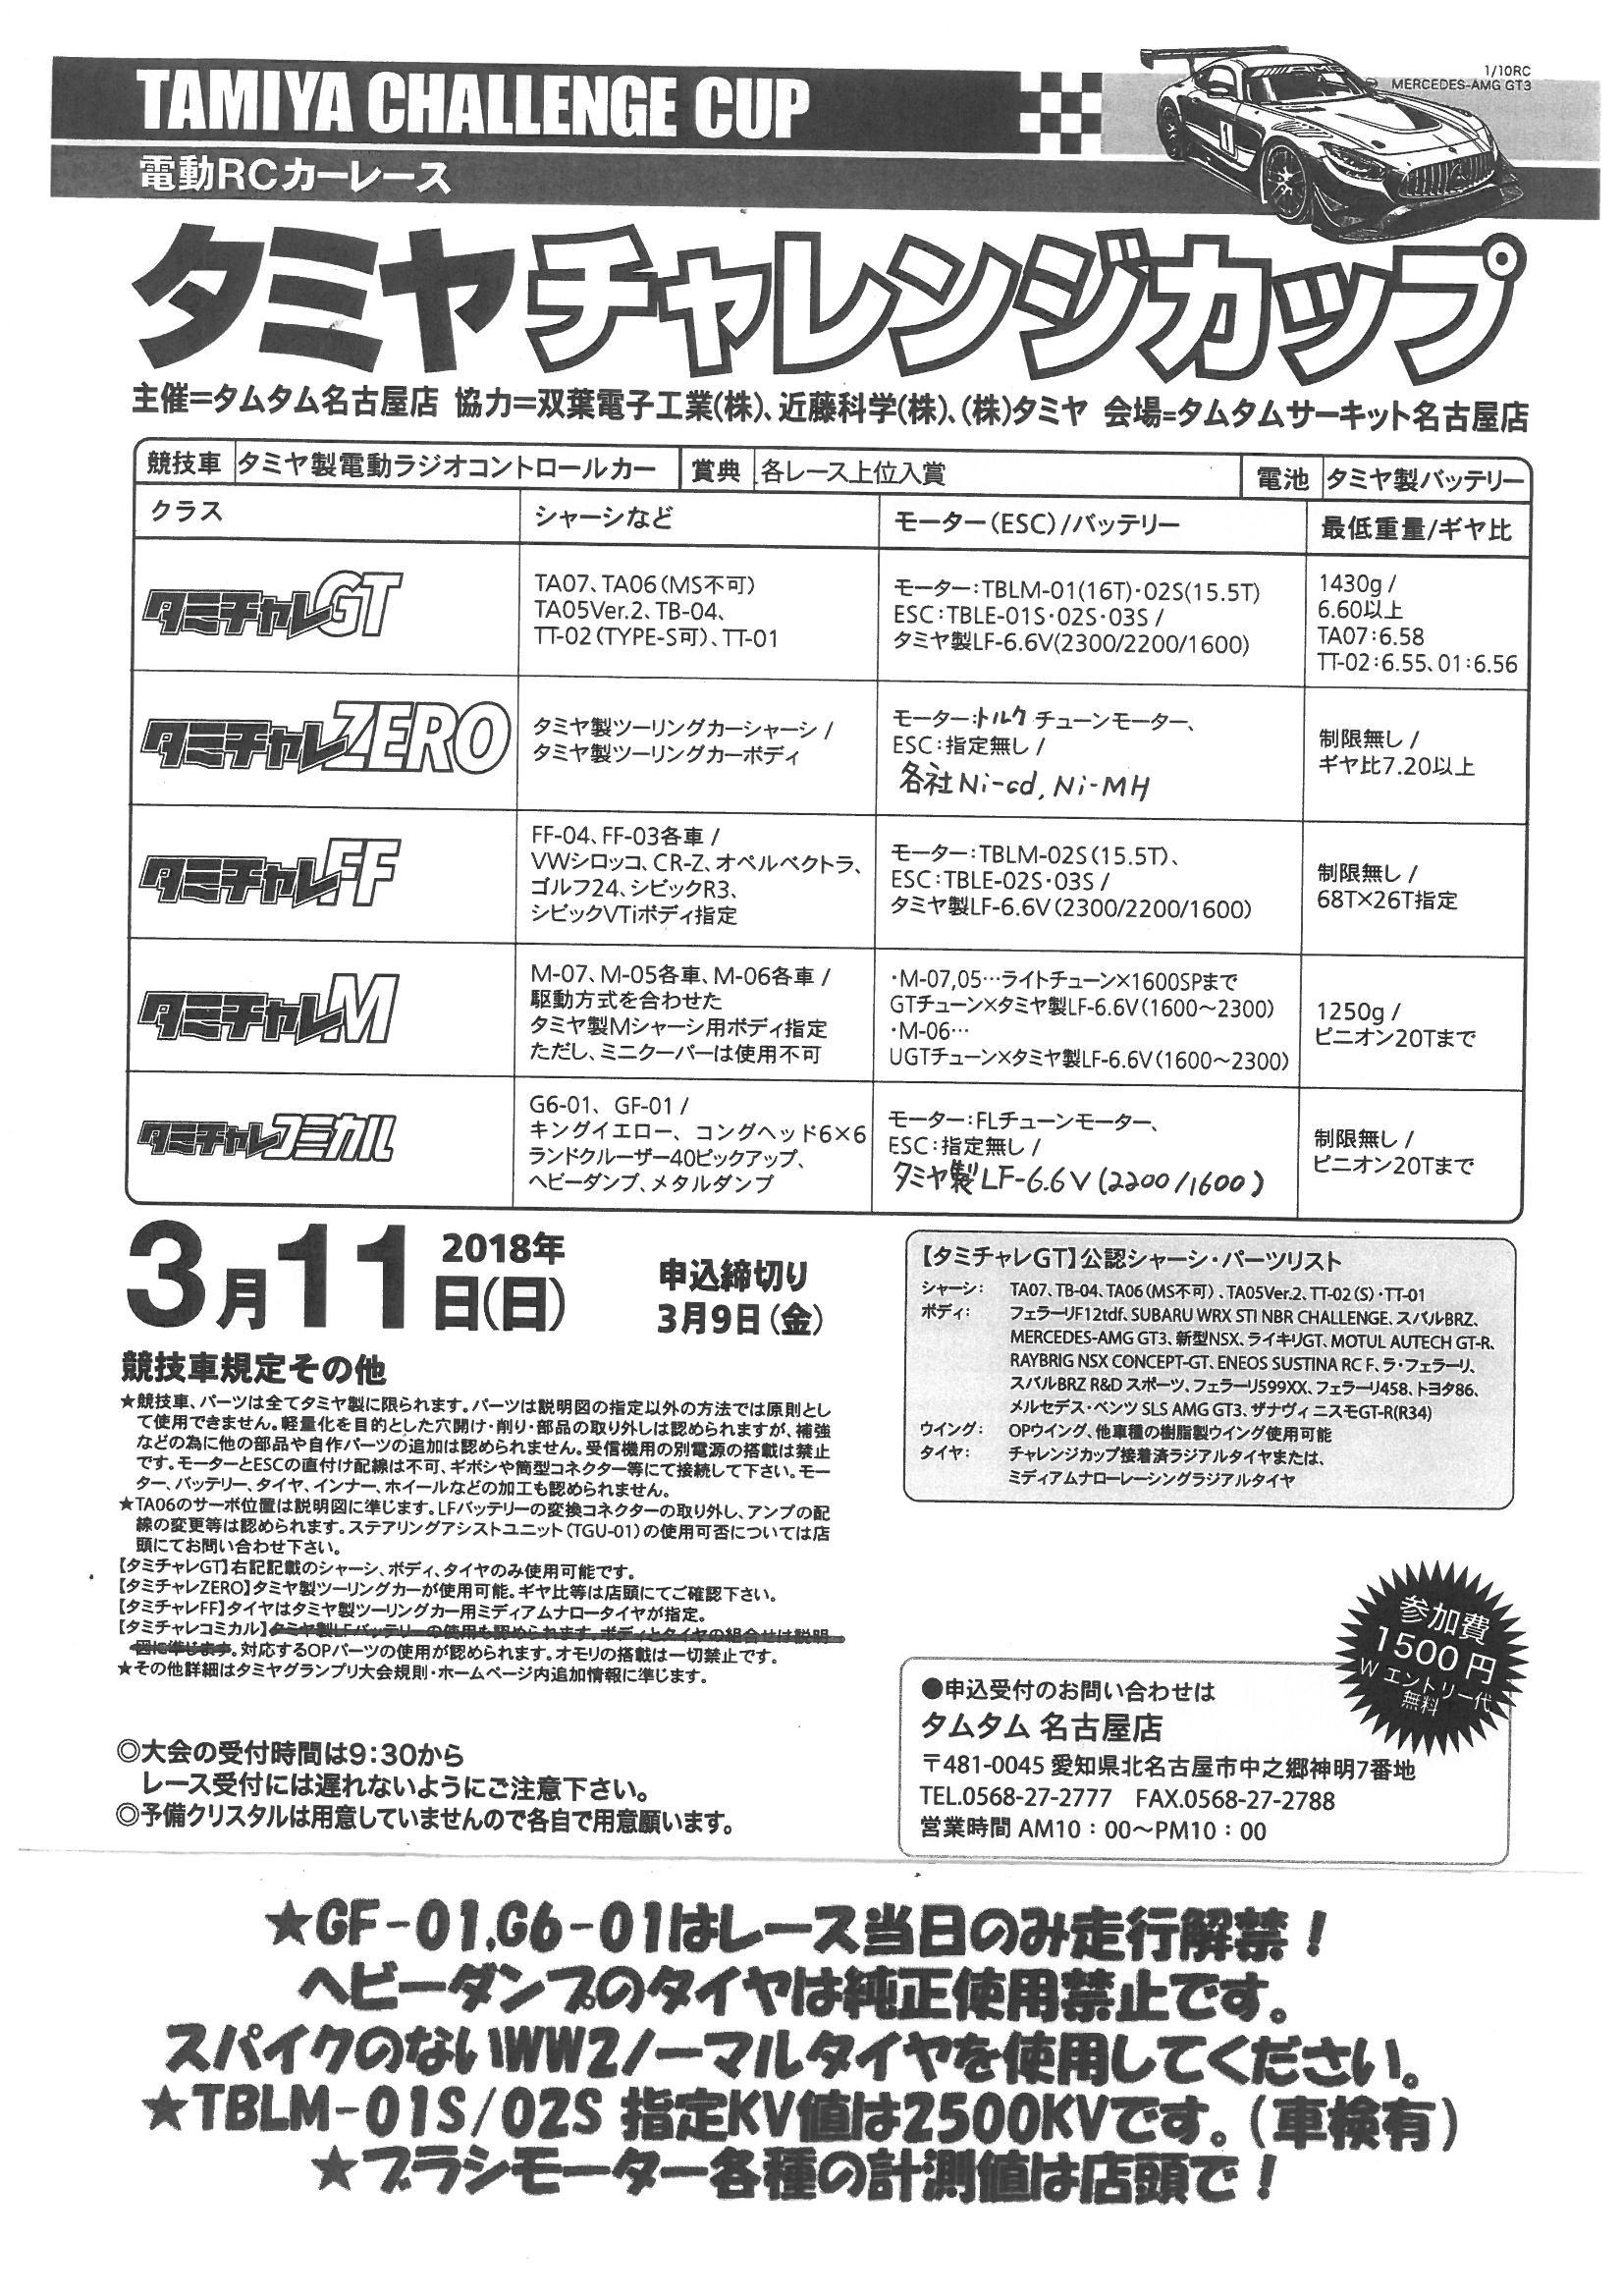 タミヤチャレンジカップのお知らせ!